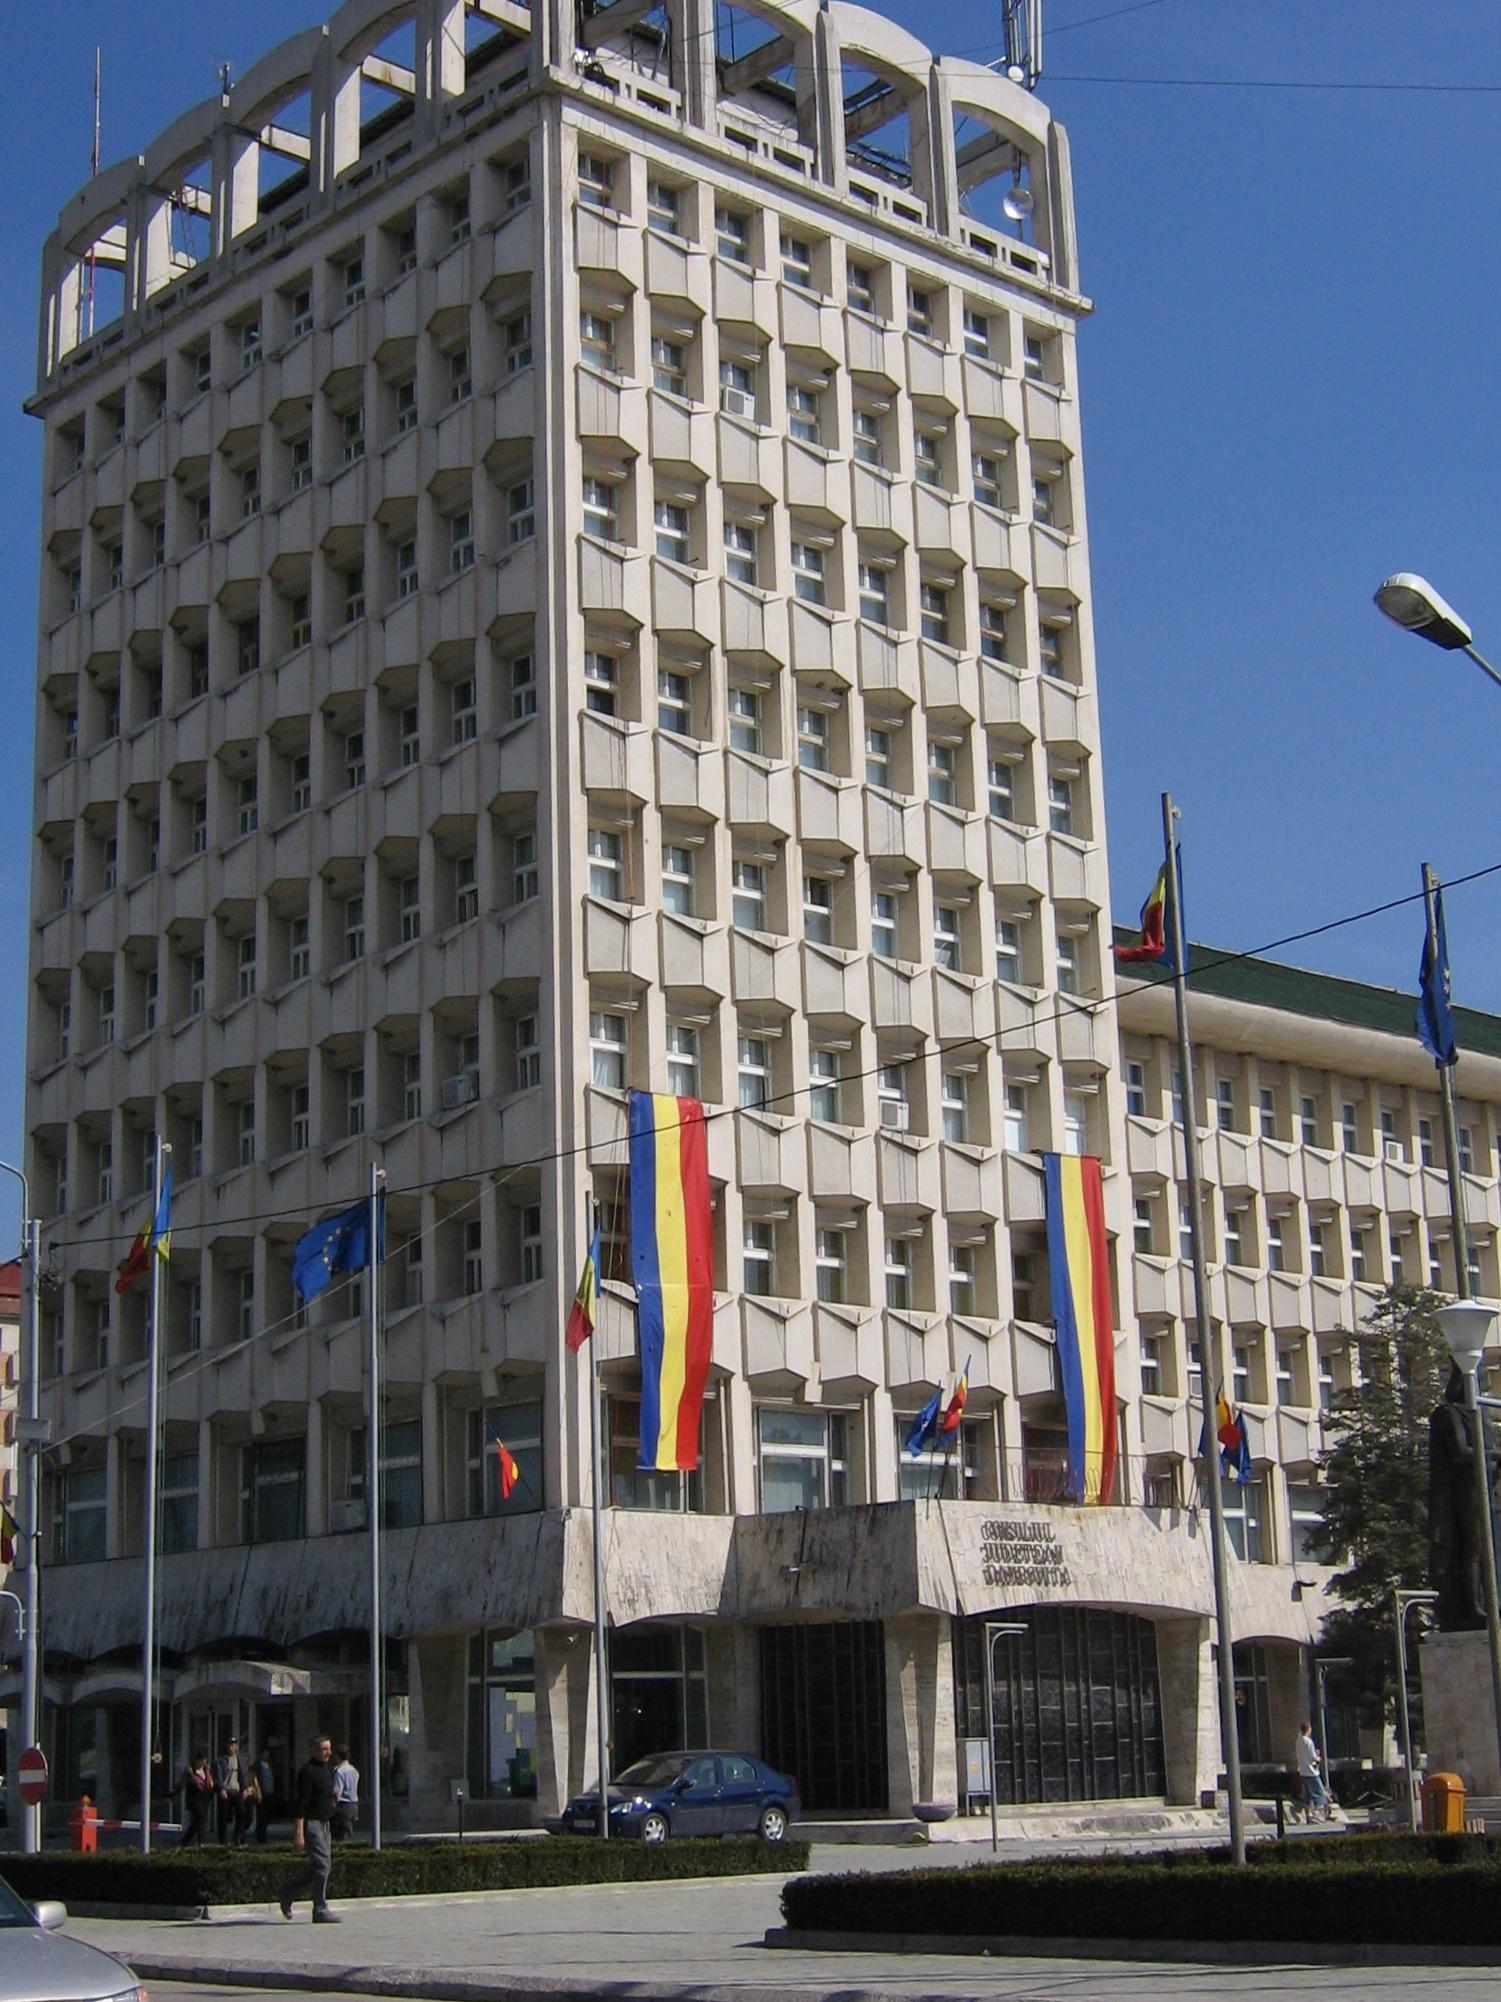 Pași importanți în vederea consolidării sistemului integrat de management al deșeurilor în județul Dâmbovița. Președintele CJD a semnat contractul de finanțare pentru proiectul de asistență tehnică și elaborarea documentațiilor tehnico-economice necesare obținerii finanțării europene